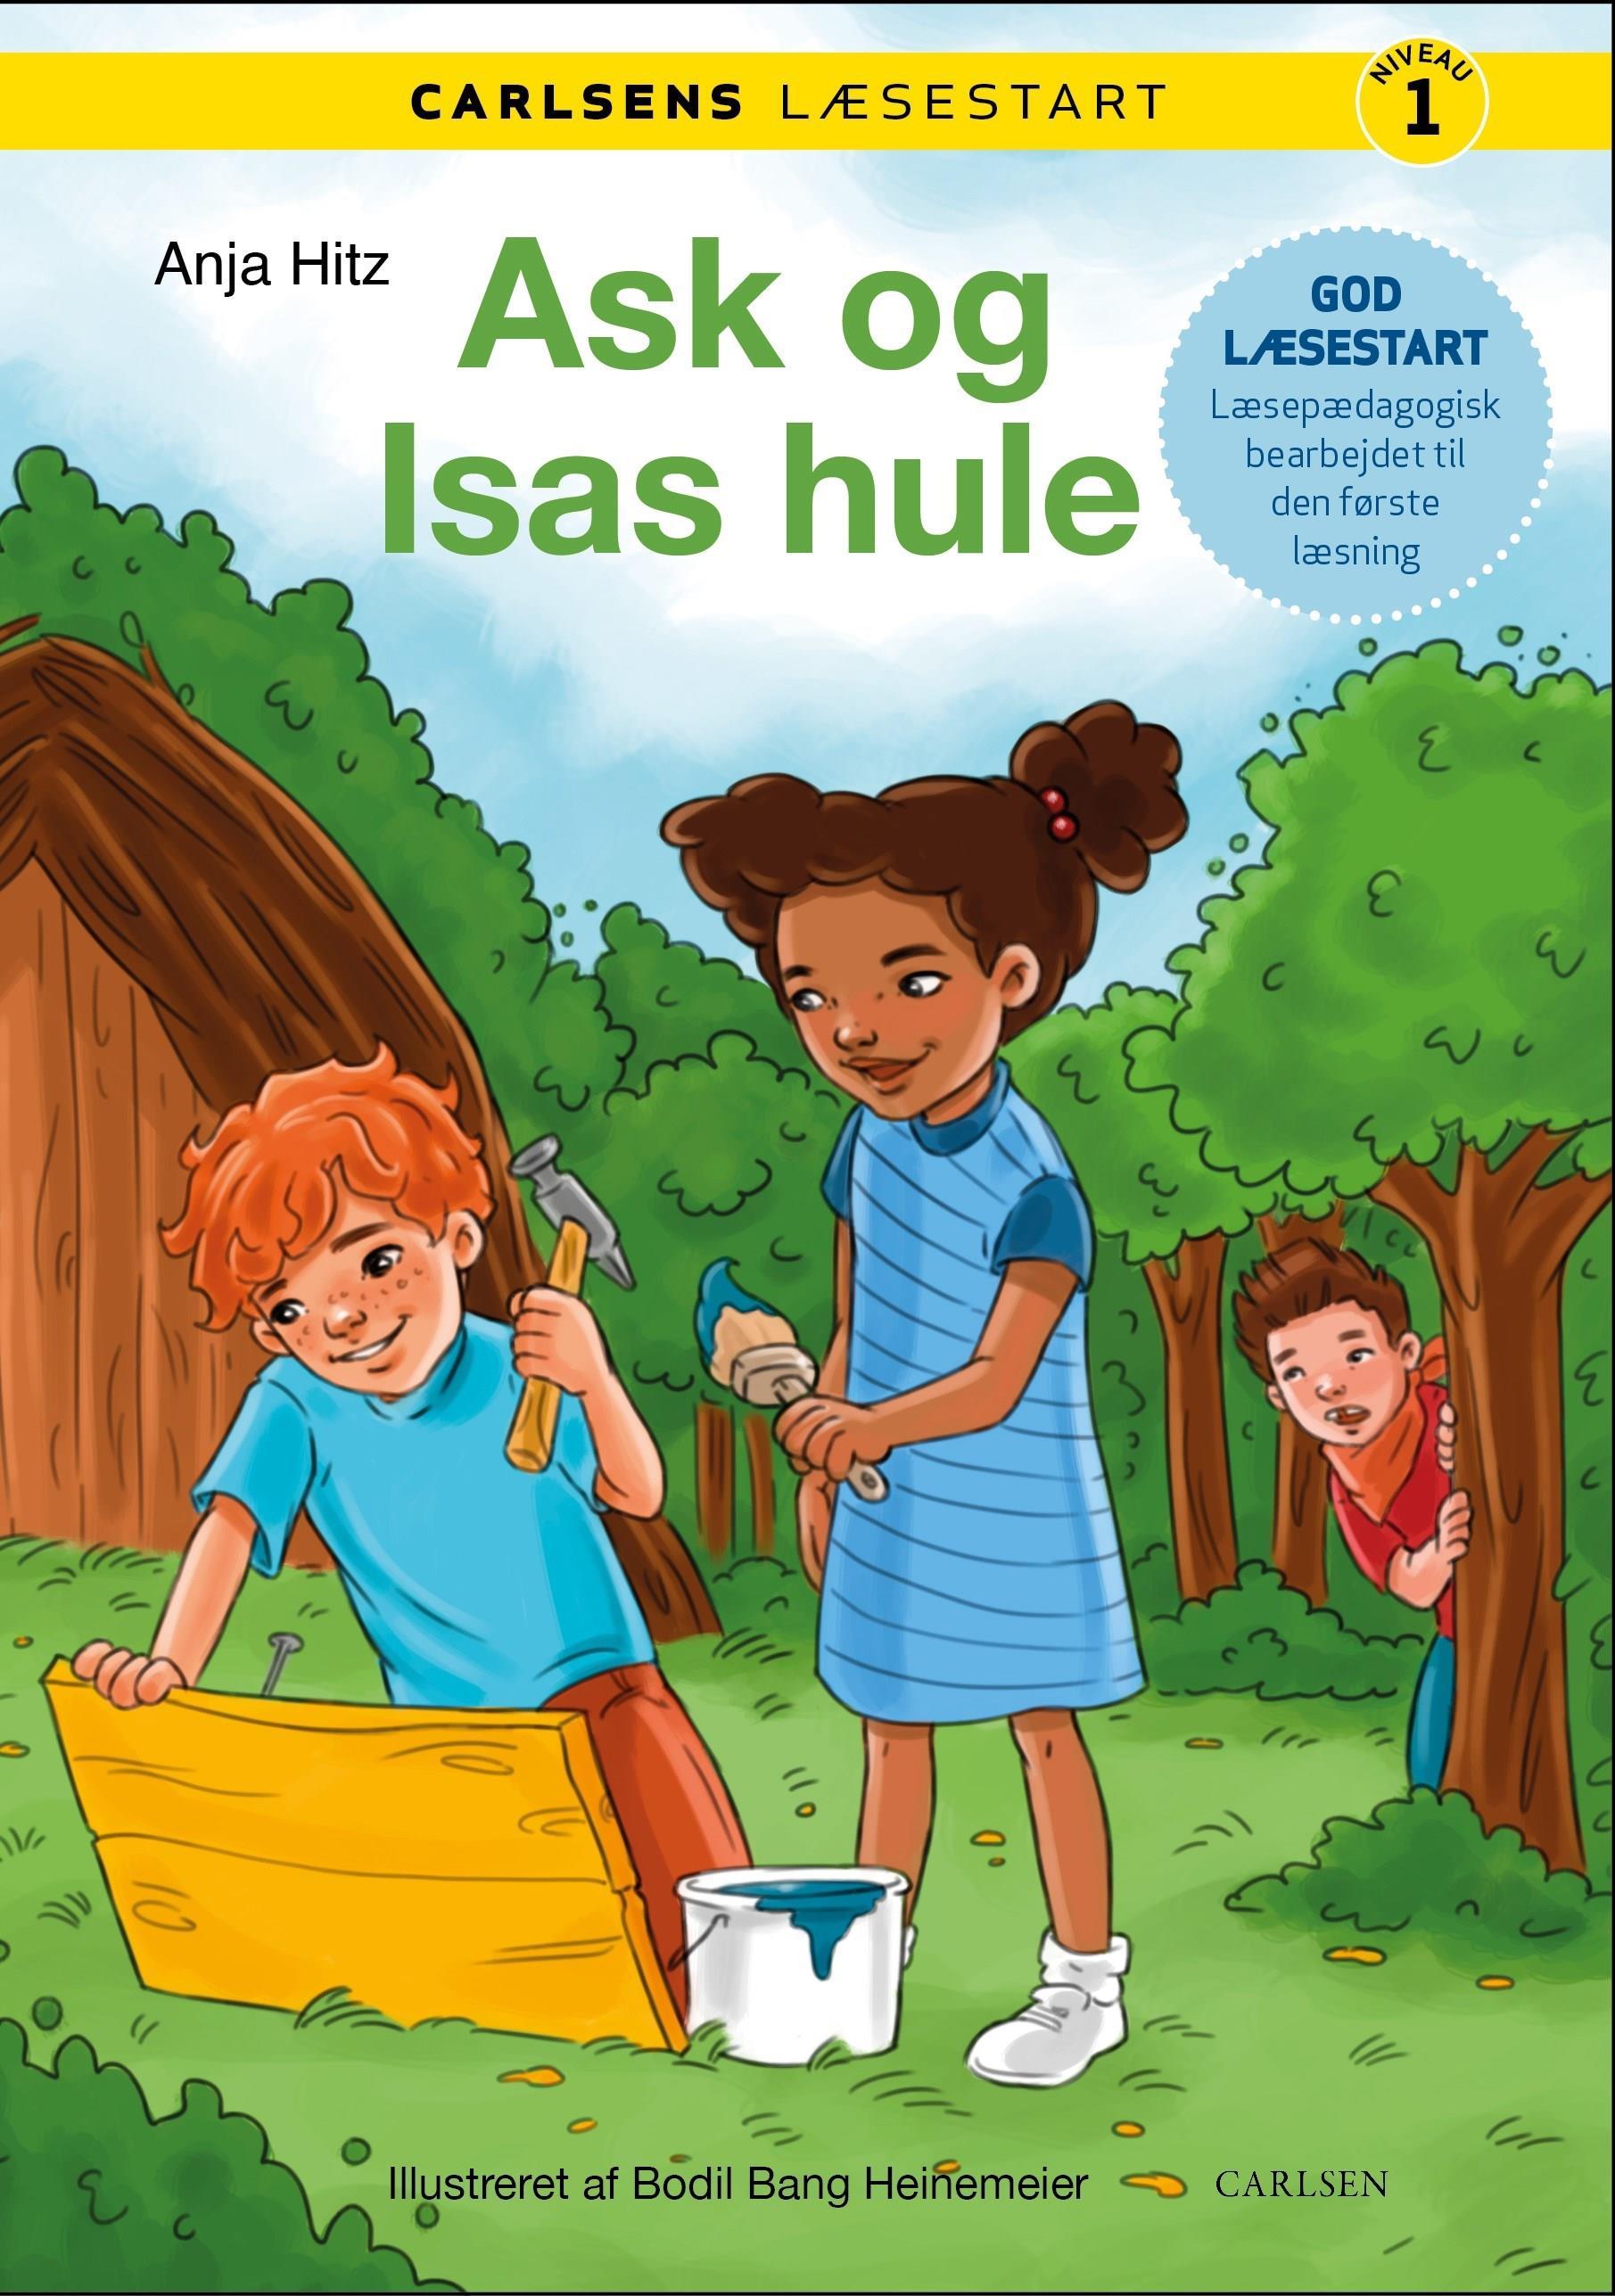 Carlsens Læsestart: Carlsens læsestart - Ask og Isas hule - Anja Hitz - Bøger - CARLSEN - 9788711983164 - 17/3-2020